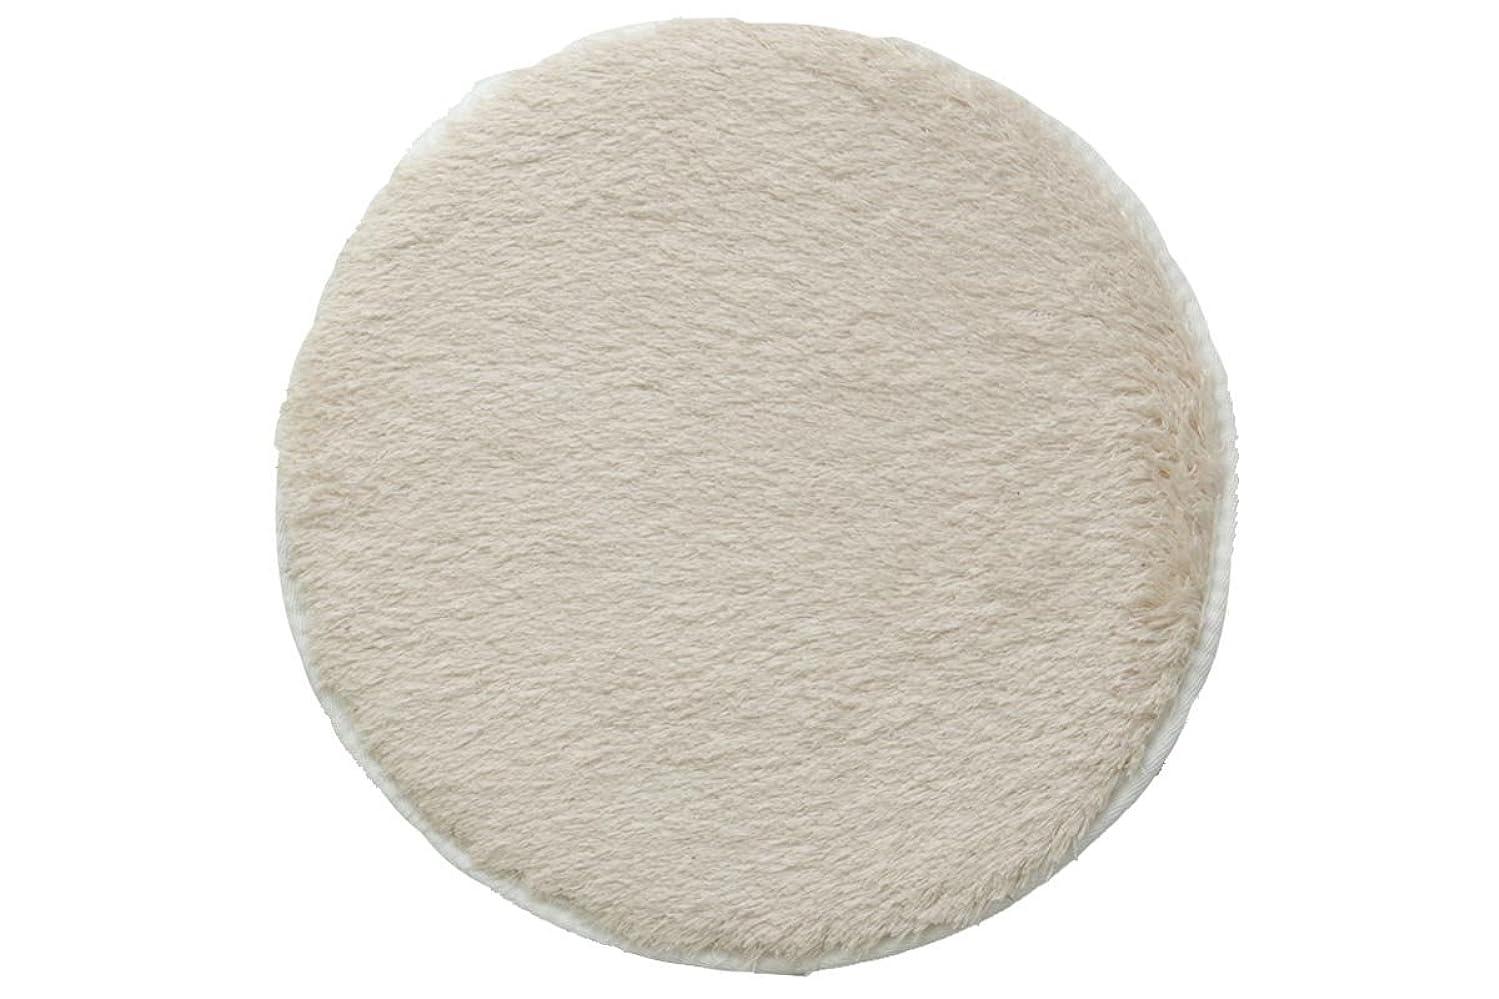 寄稿者まつげ見物人円形 洗える チェアパッド 『 レスト 』【IB】 直径35cm アイボリー(#3437309) 選べる6色展開